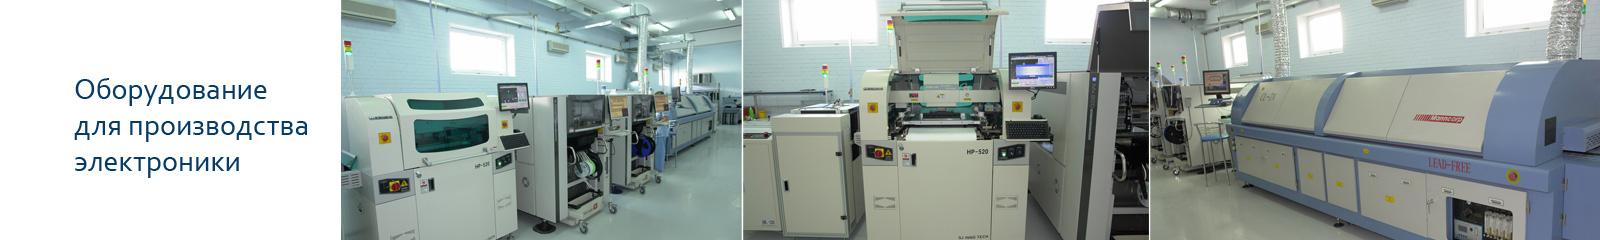 Оборудование для производства электроники